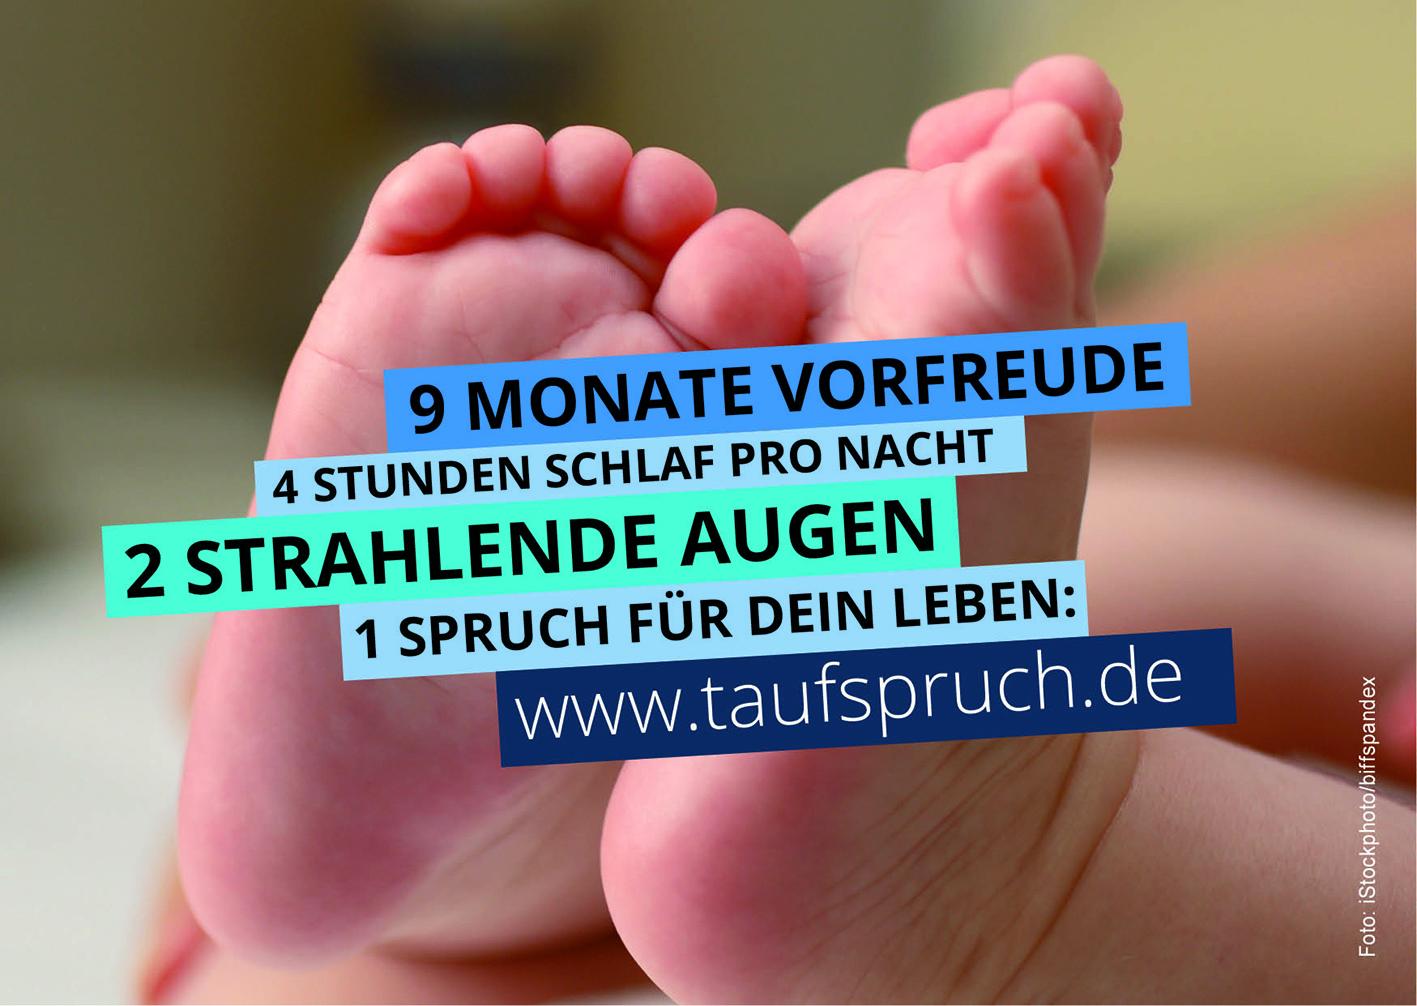 taufe, konfirmation, trauung: wir haben bibelsprüche! | evangelisch.de